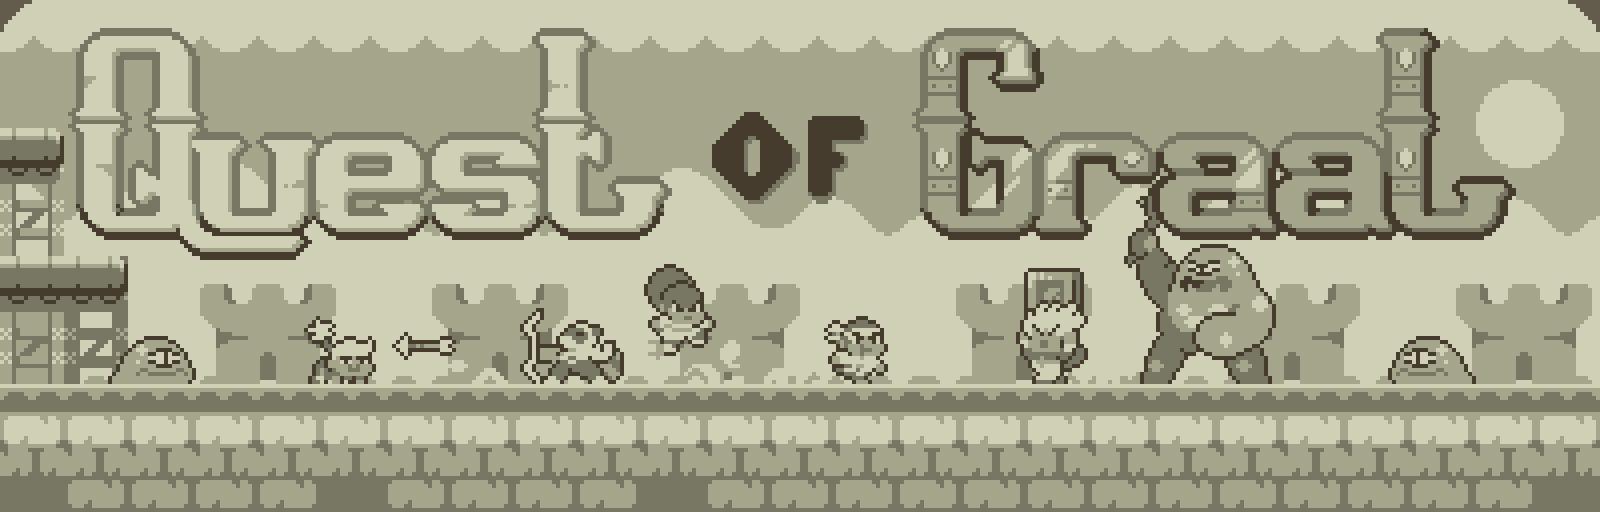 Quest Of Graal